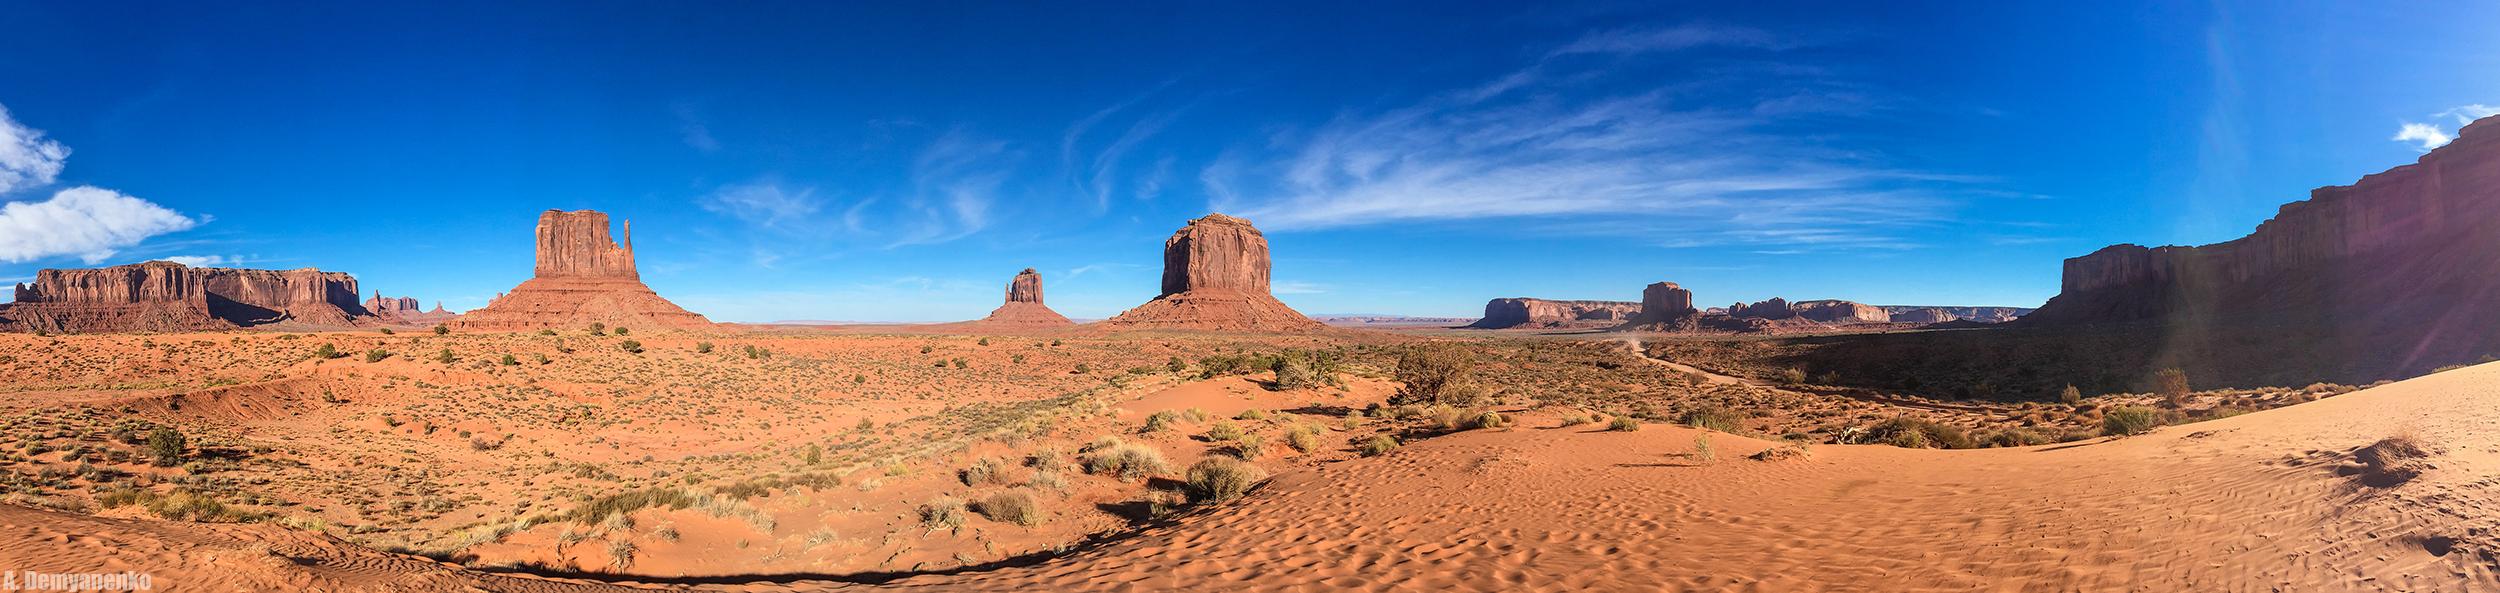 Долина Монументов — Monument Valley (панорама кликабельна)